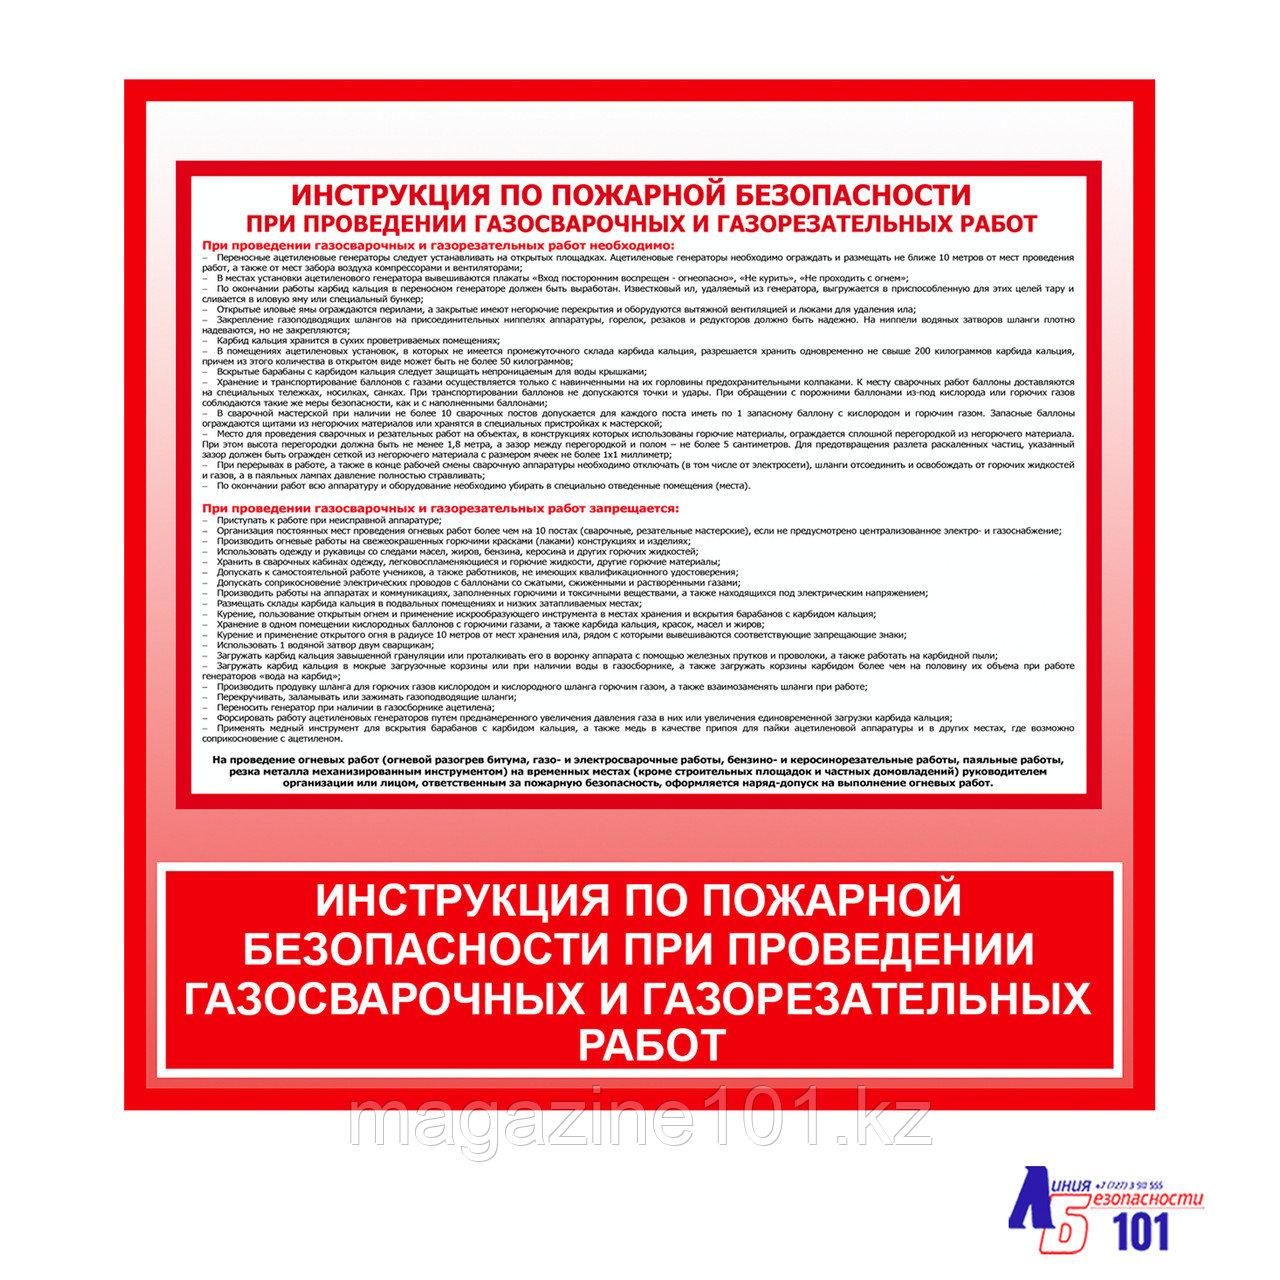 """Плакат """"Инструкция по пожарной безопасности при проведении газосварочных и газорезательных работ"""""""